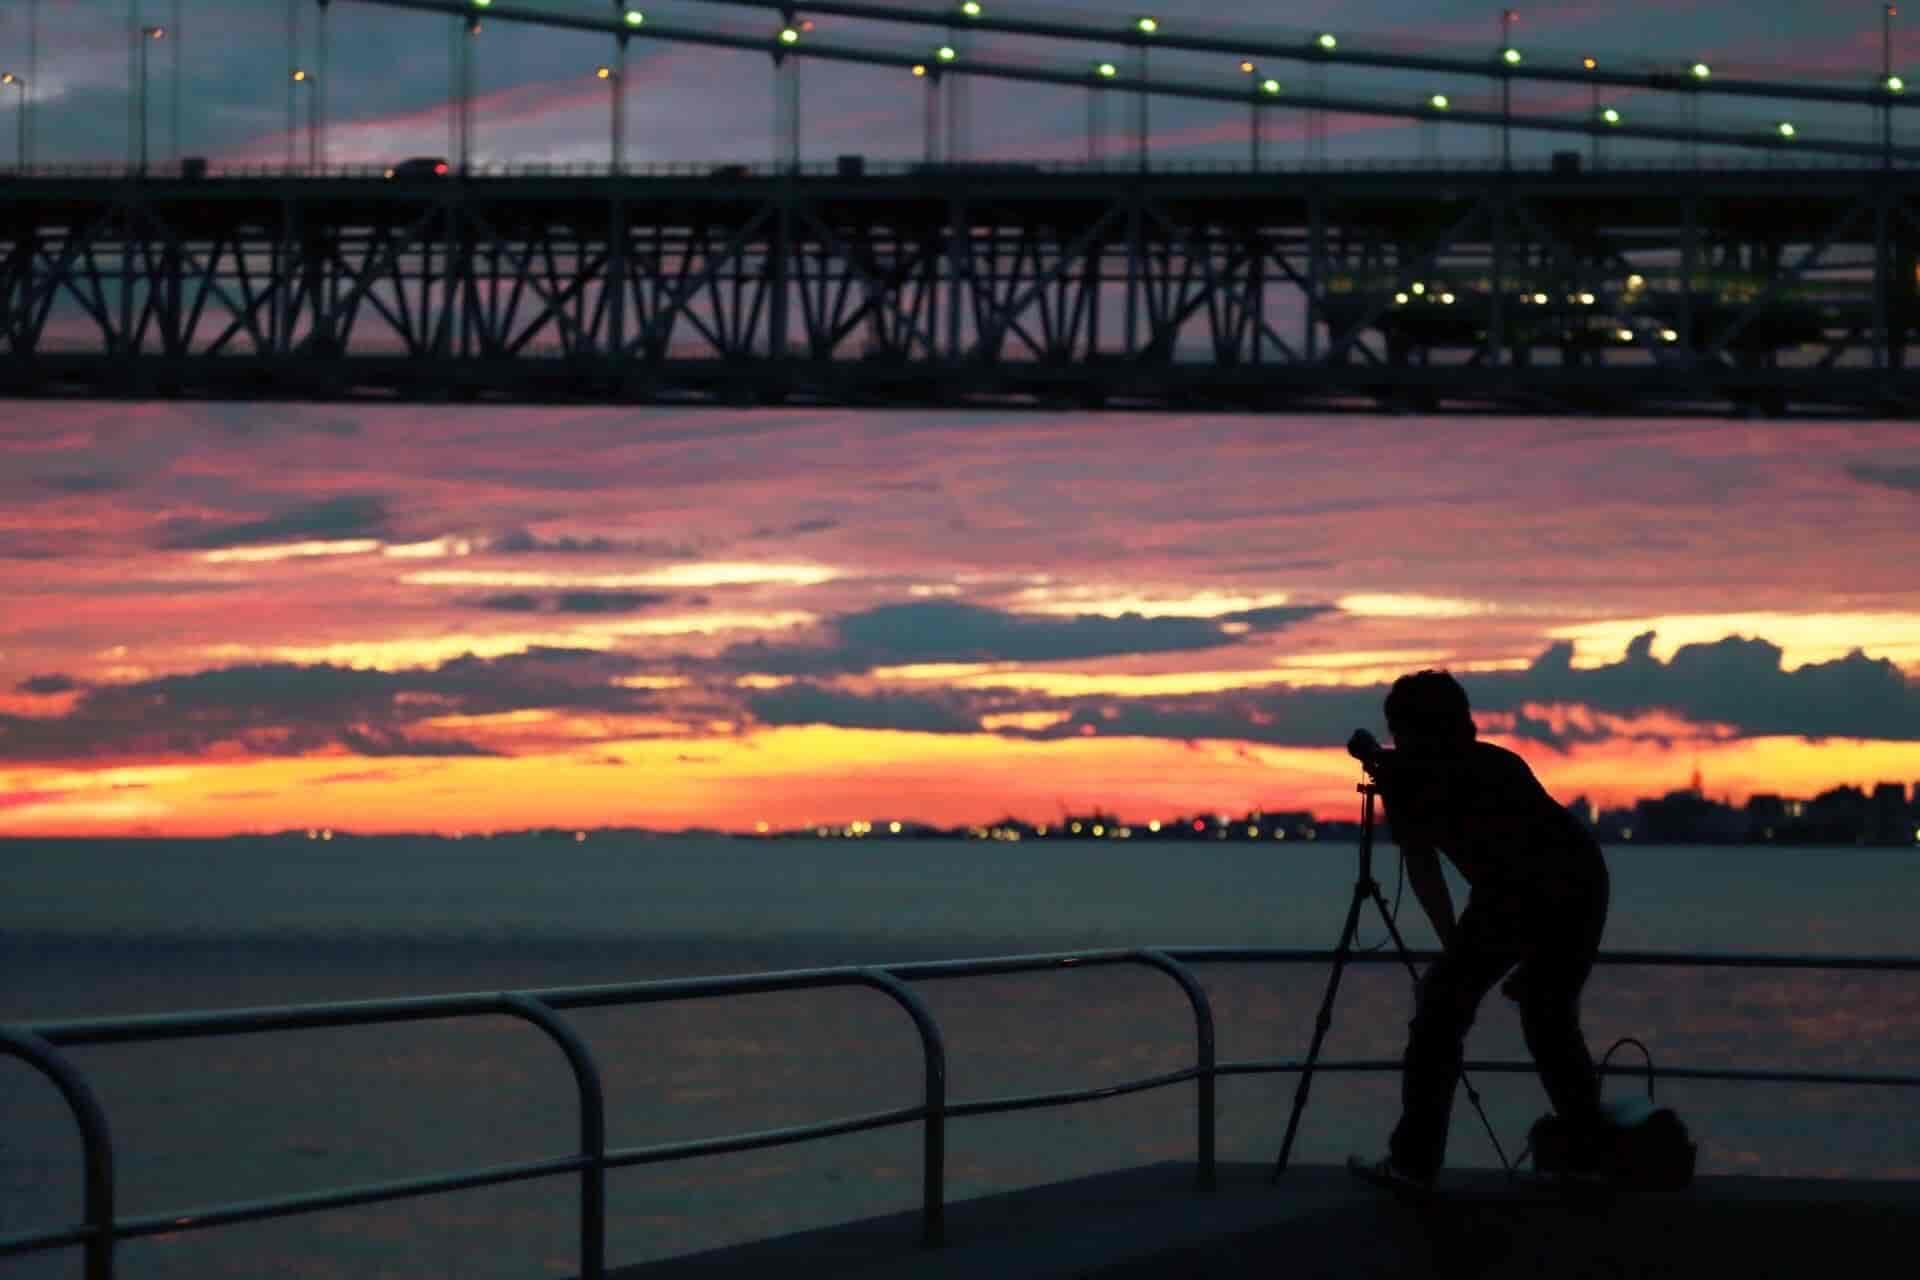 ラブ探偵事務所と他社の千葉県木更津市での夜間暗視撮影